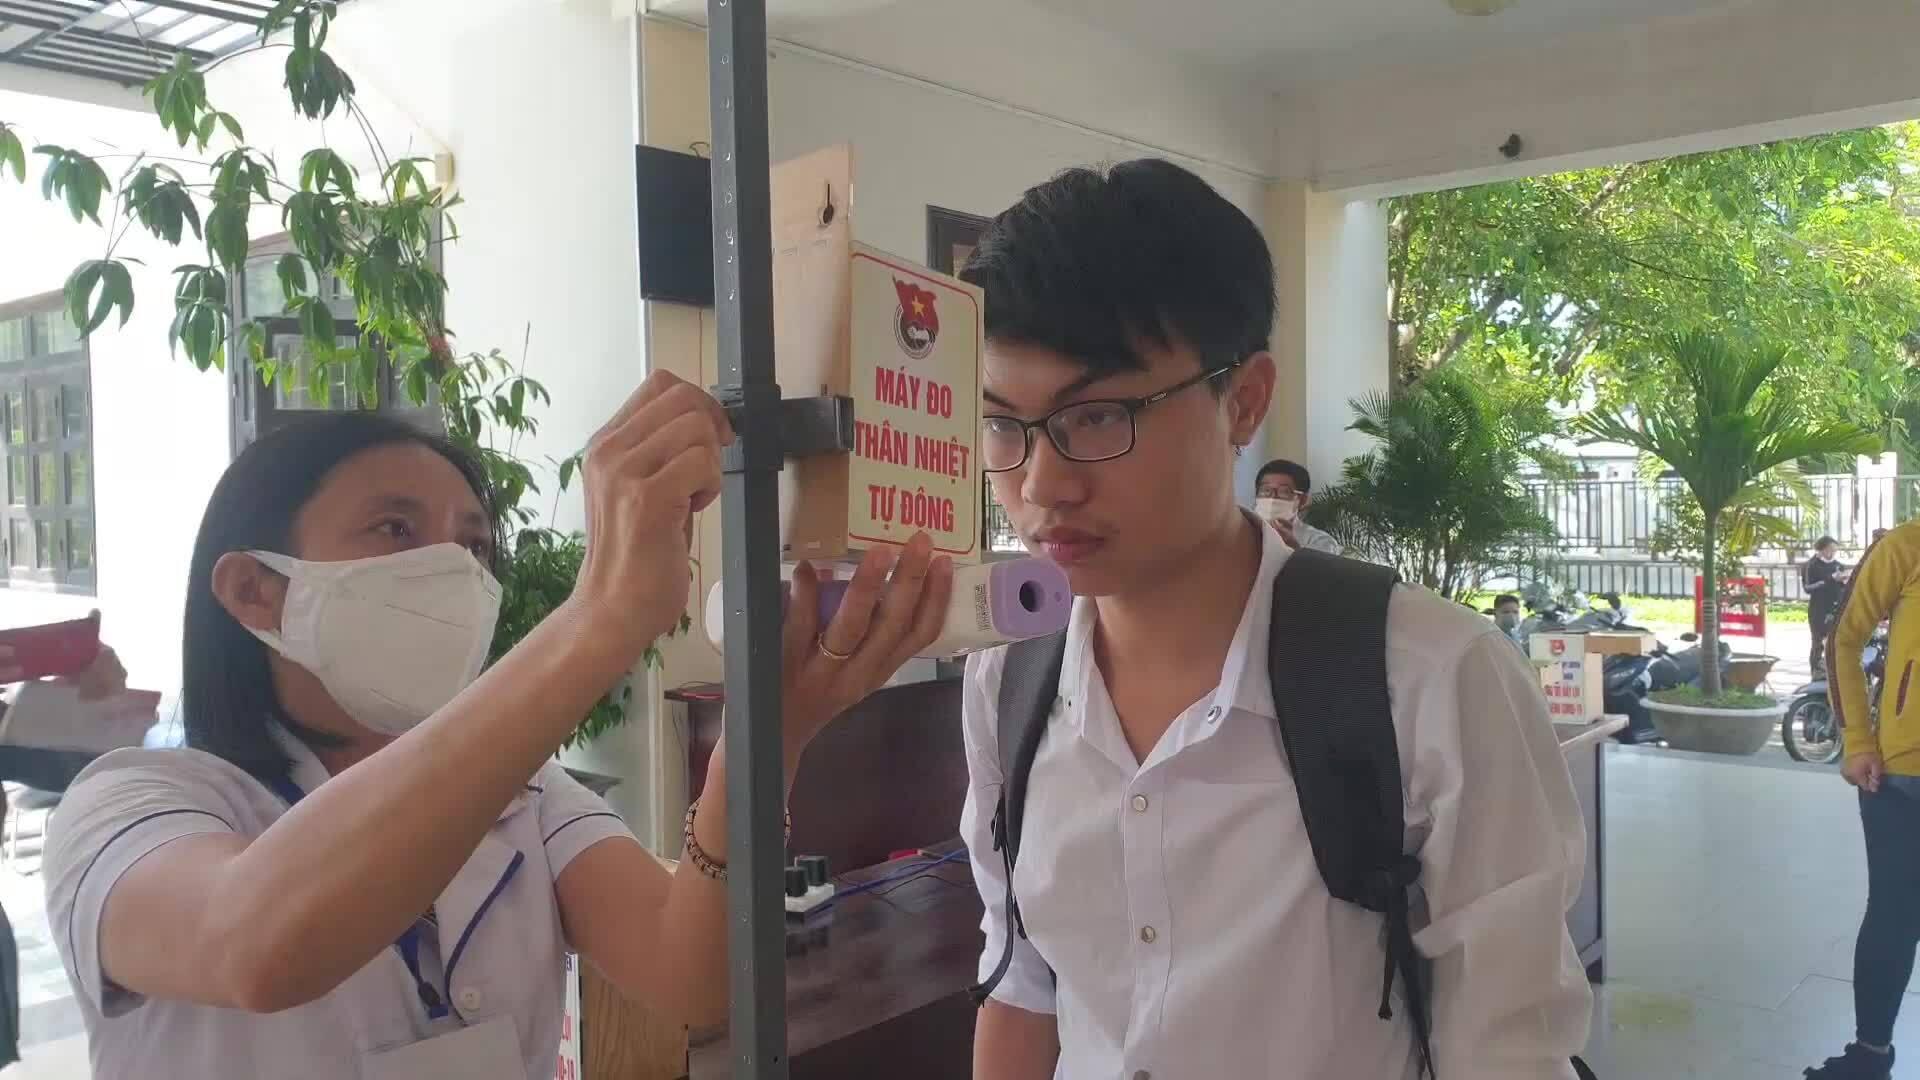 Học sinh sáng chế máy đo thân nhiệt tự động